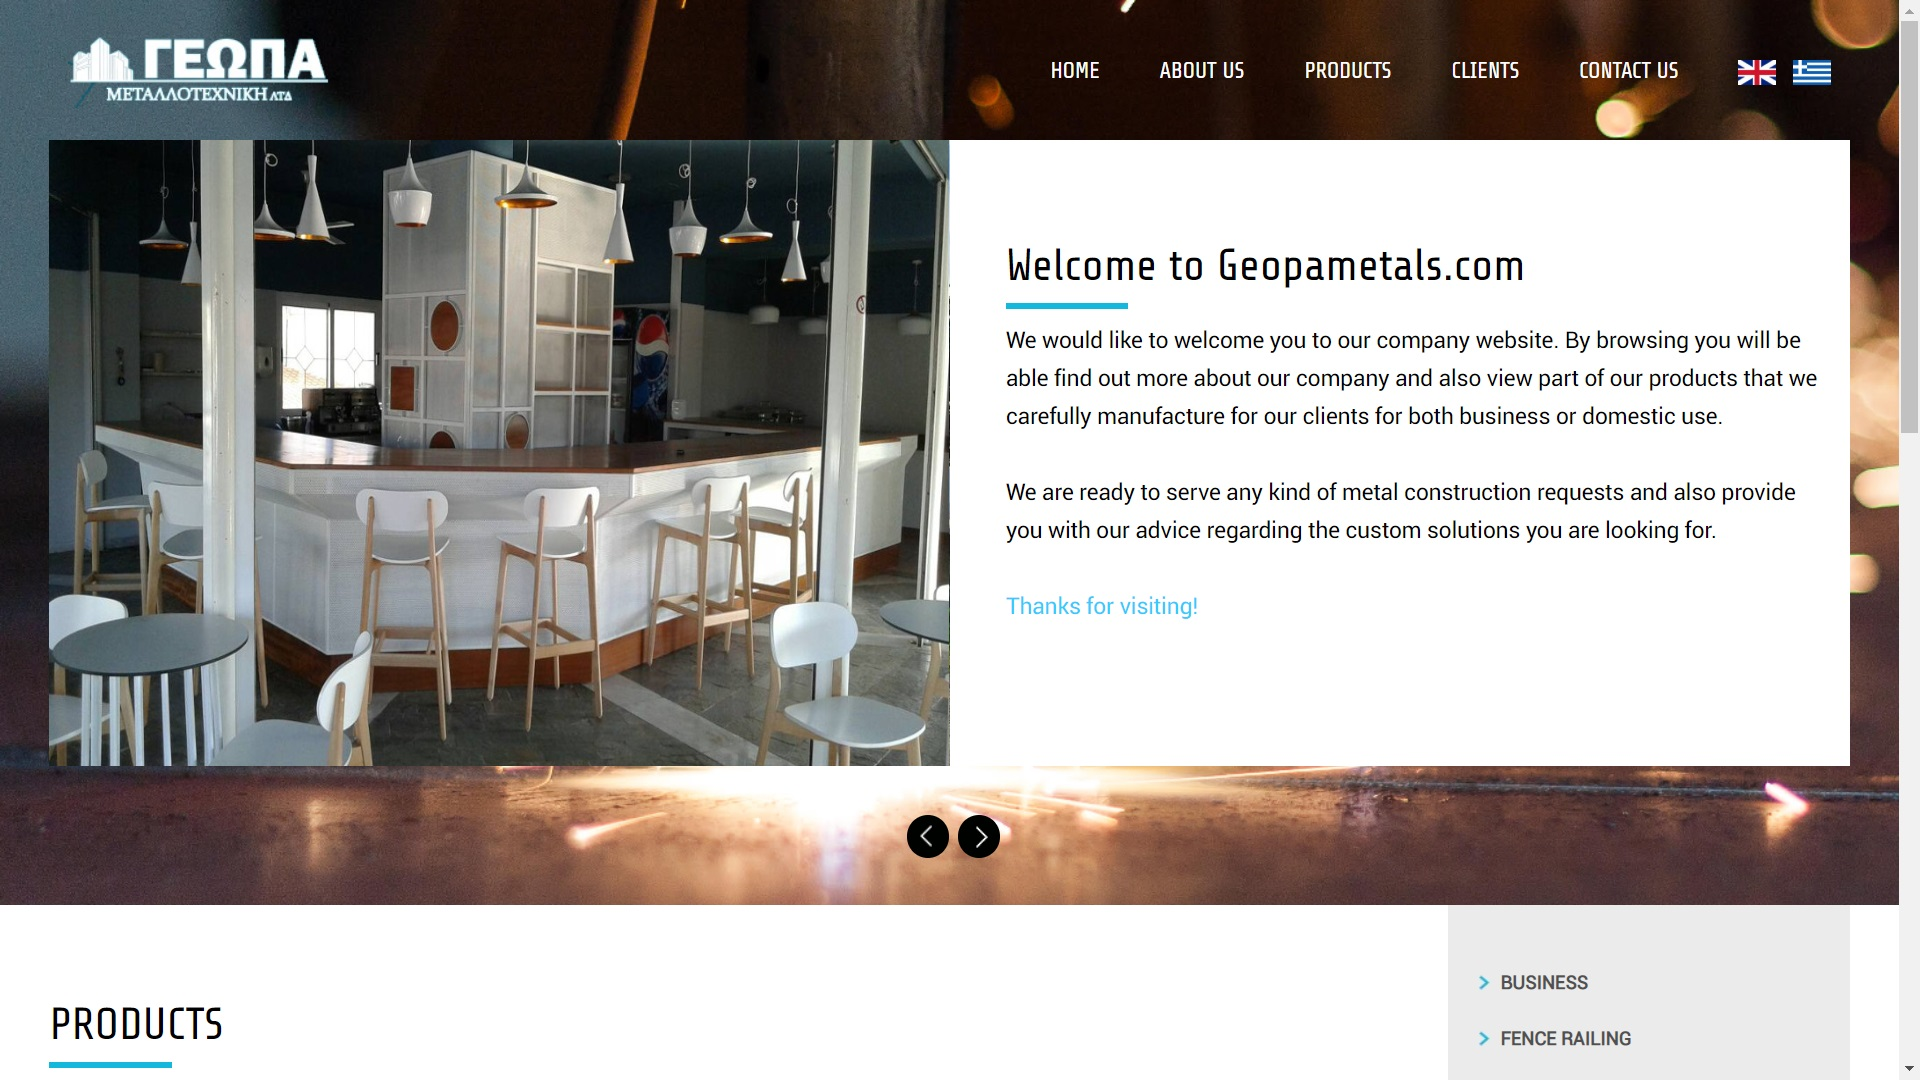 GEOPAMETALS.COM